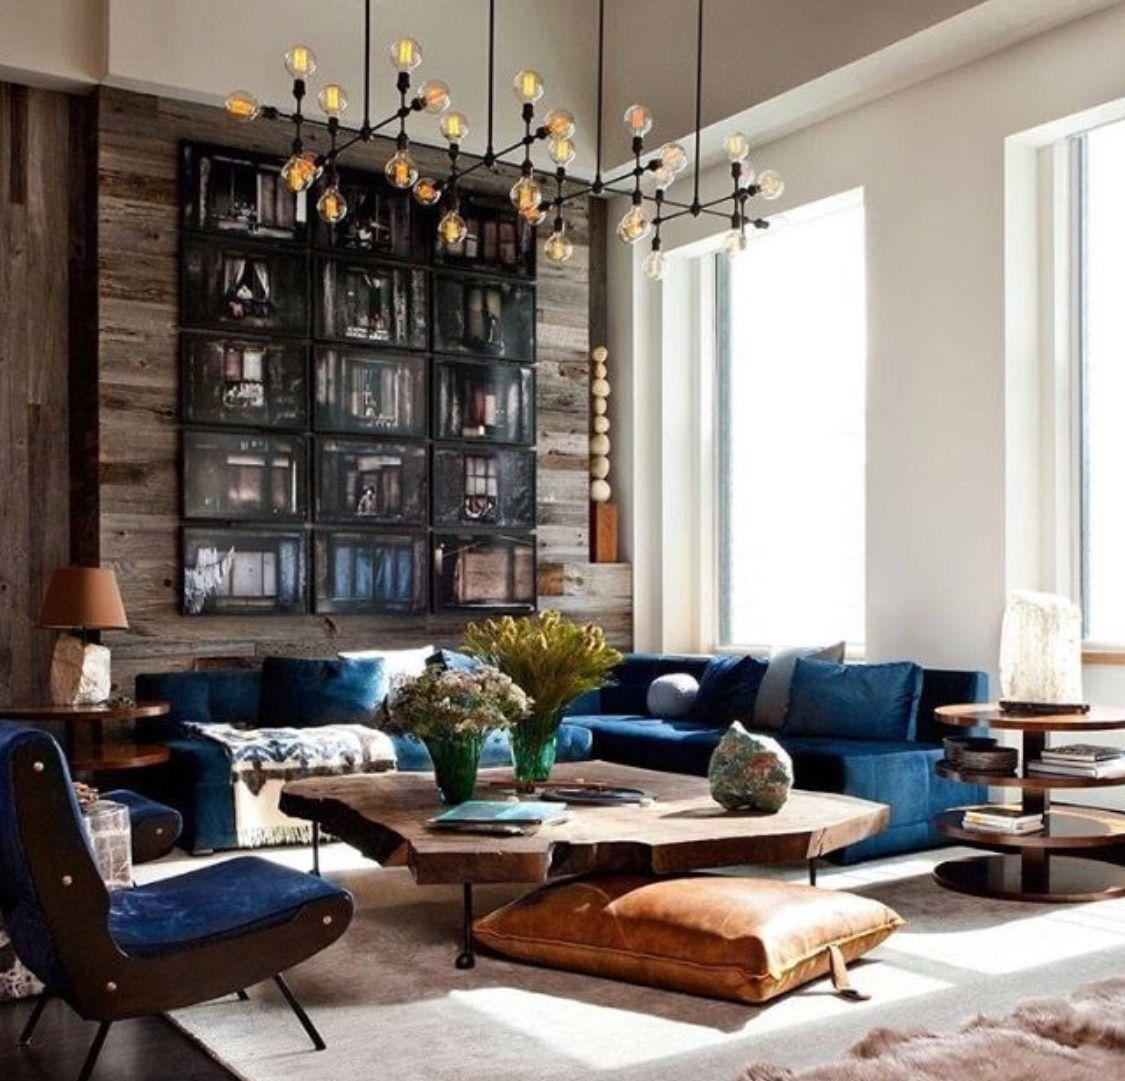 Pin by Maribeth Portz on Things for Idaho   Living room ...